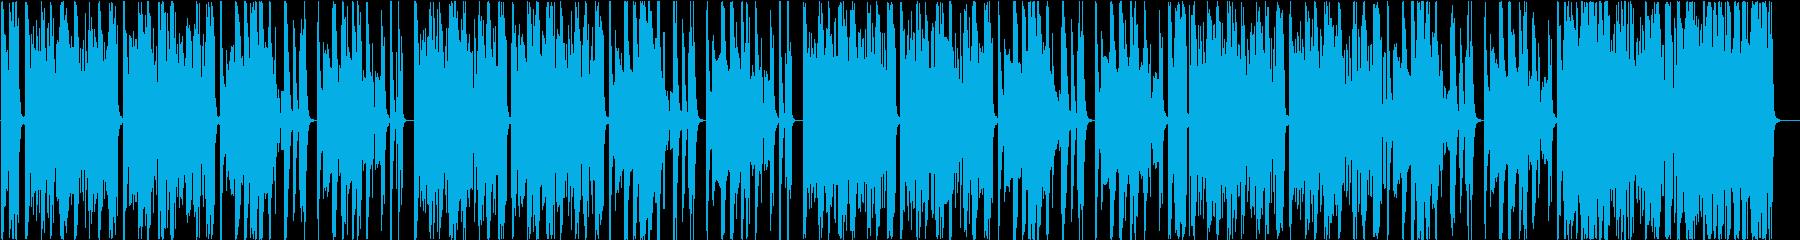 妖しいムードのハウス・テクノの再生済みの波形